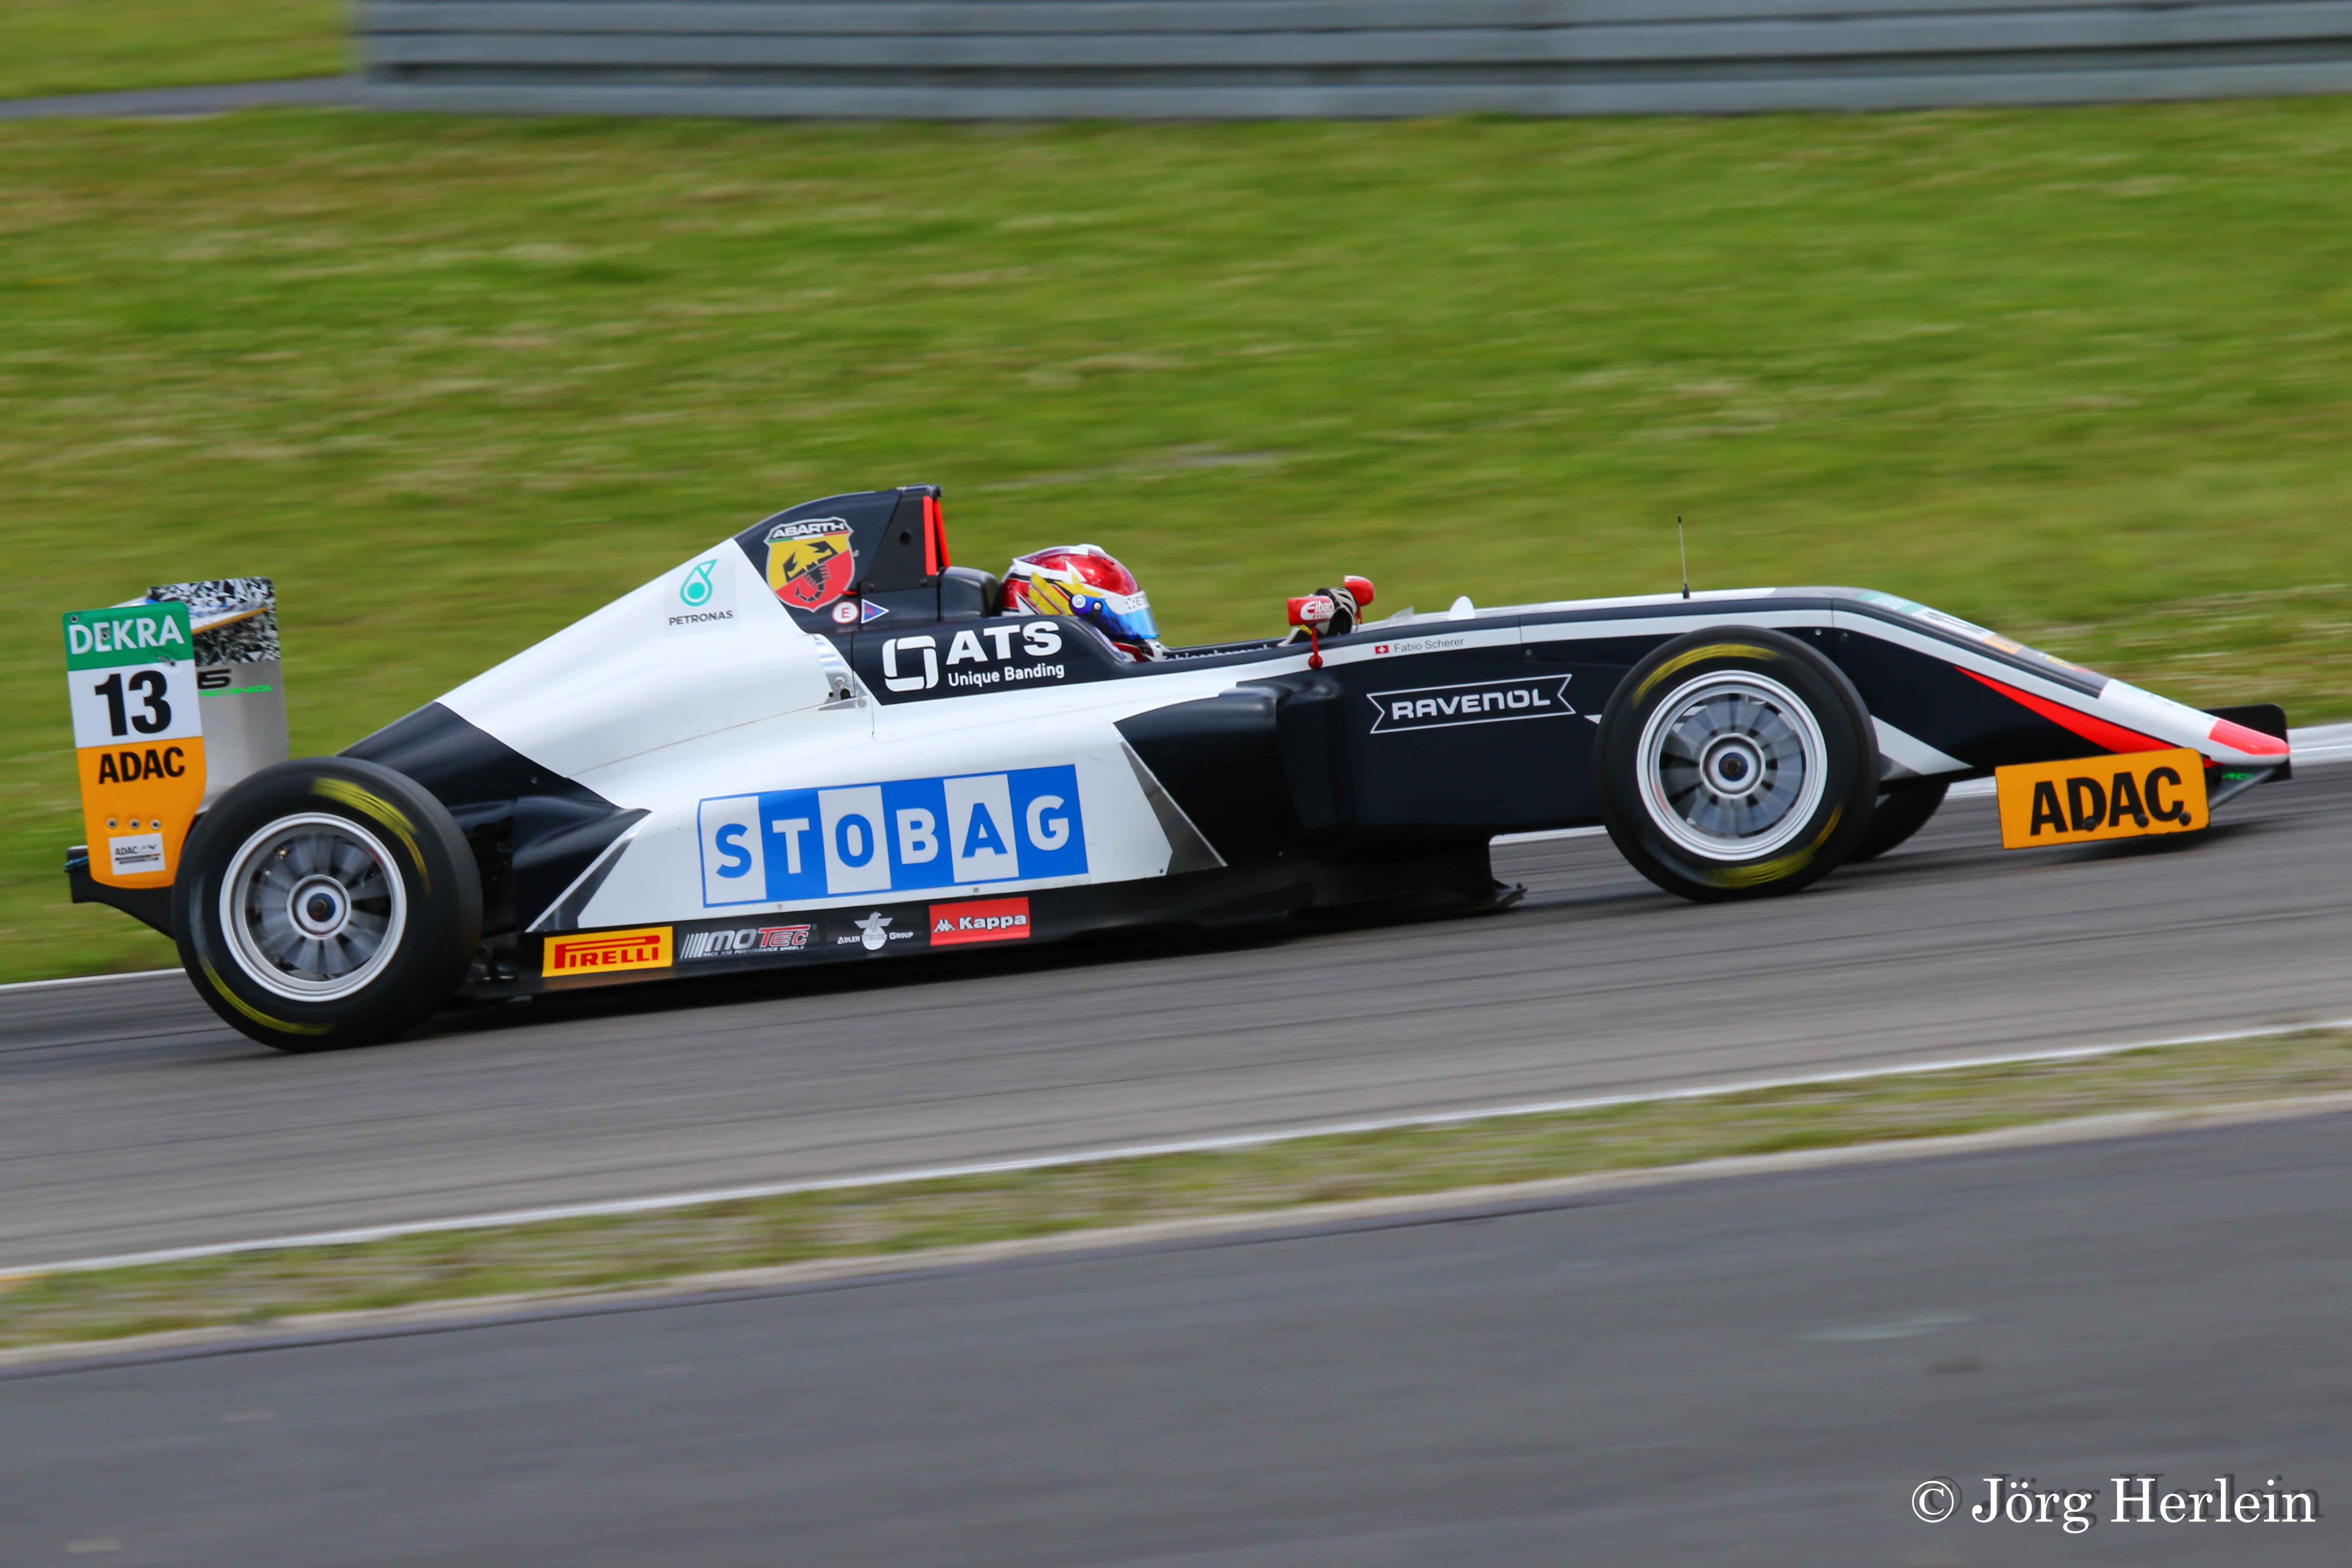 Fabio_Nürburgring 2017_Joerg herlein (16)